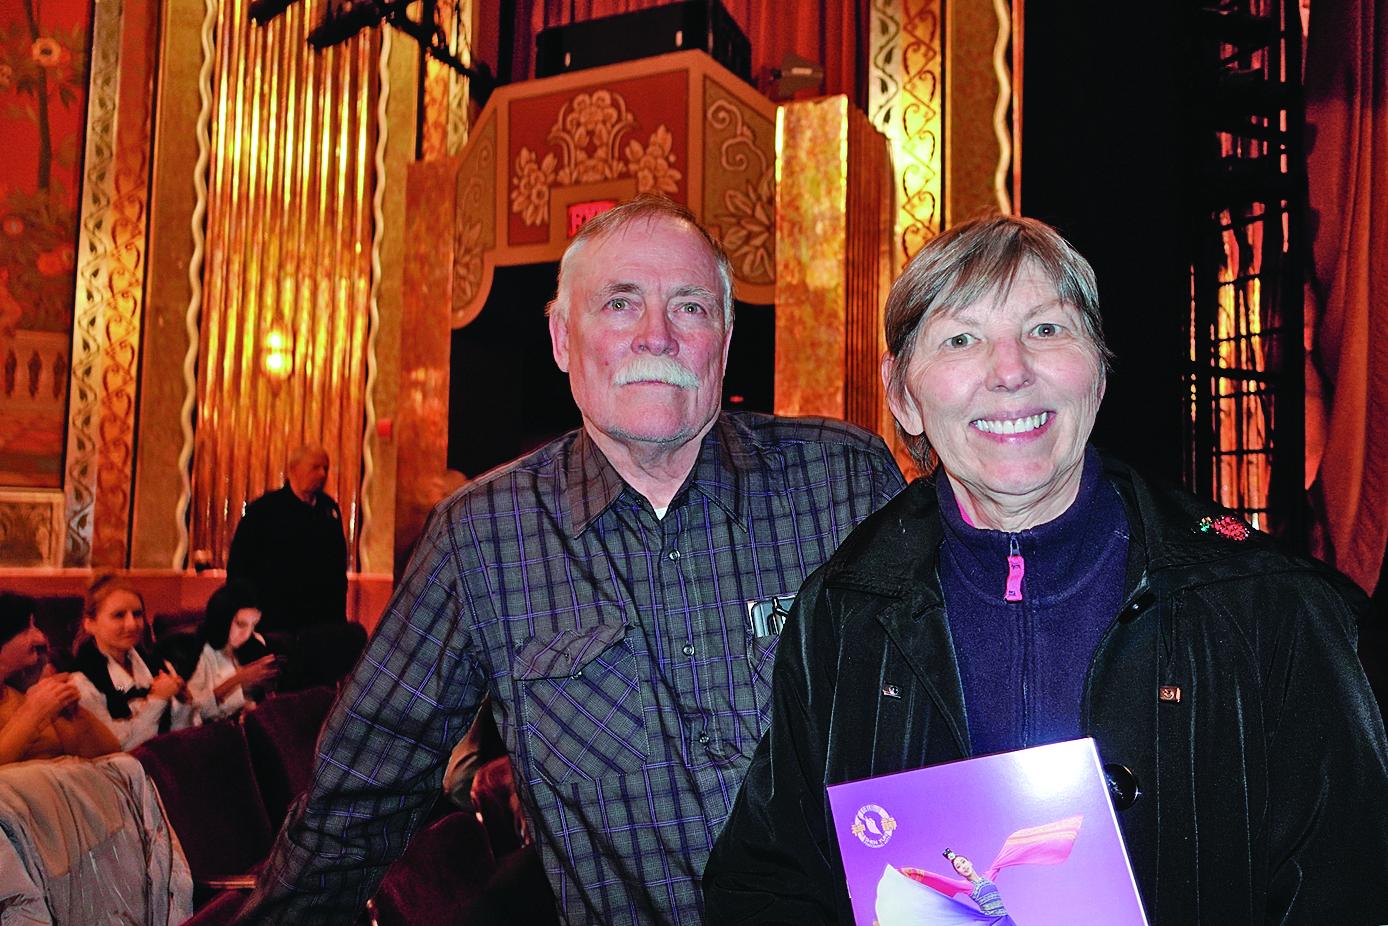 西密歇根大學表演藝術學院榮譽院長梅瑞恩女士和丈夫對神韻演出大加讚賞。(萬樂瑞/大紀元)